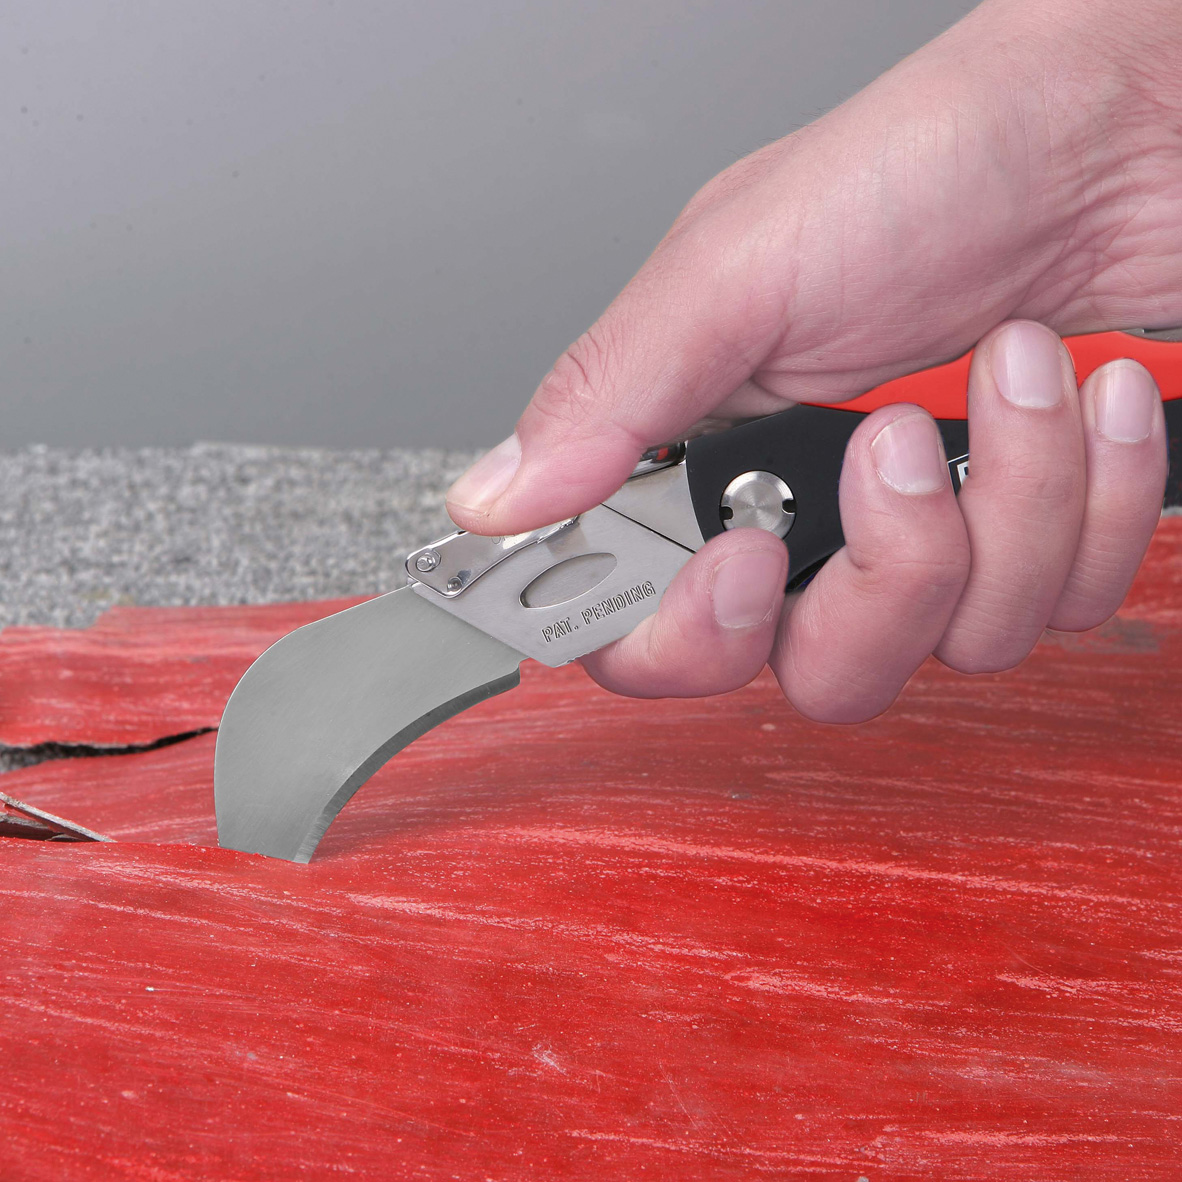 Нож складной строительный Bessey (Бессей) ER-DBKPH-SET в наборе со сменными лезвиями